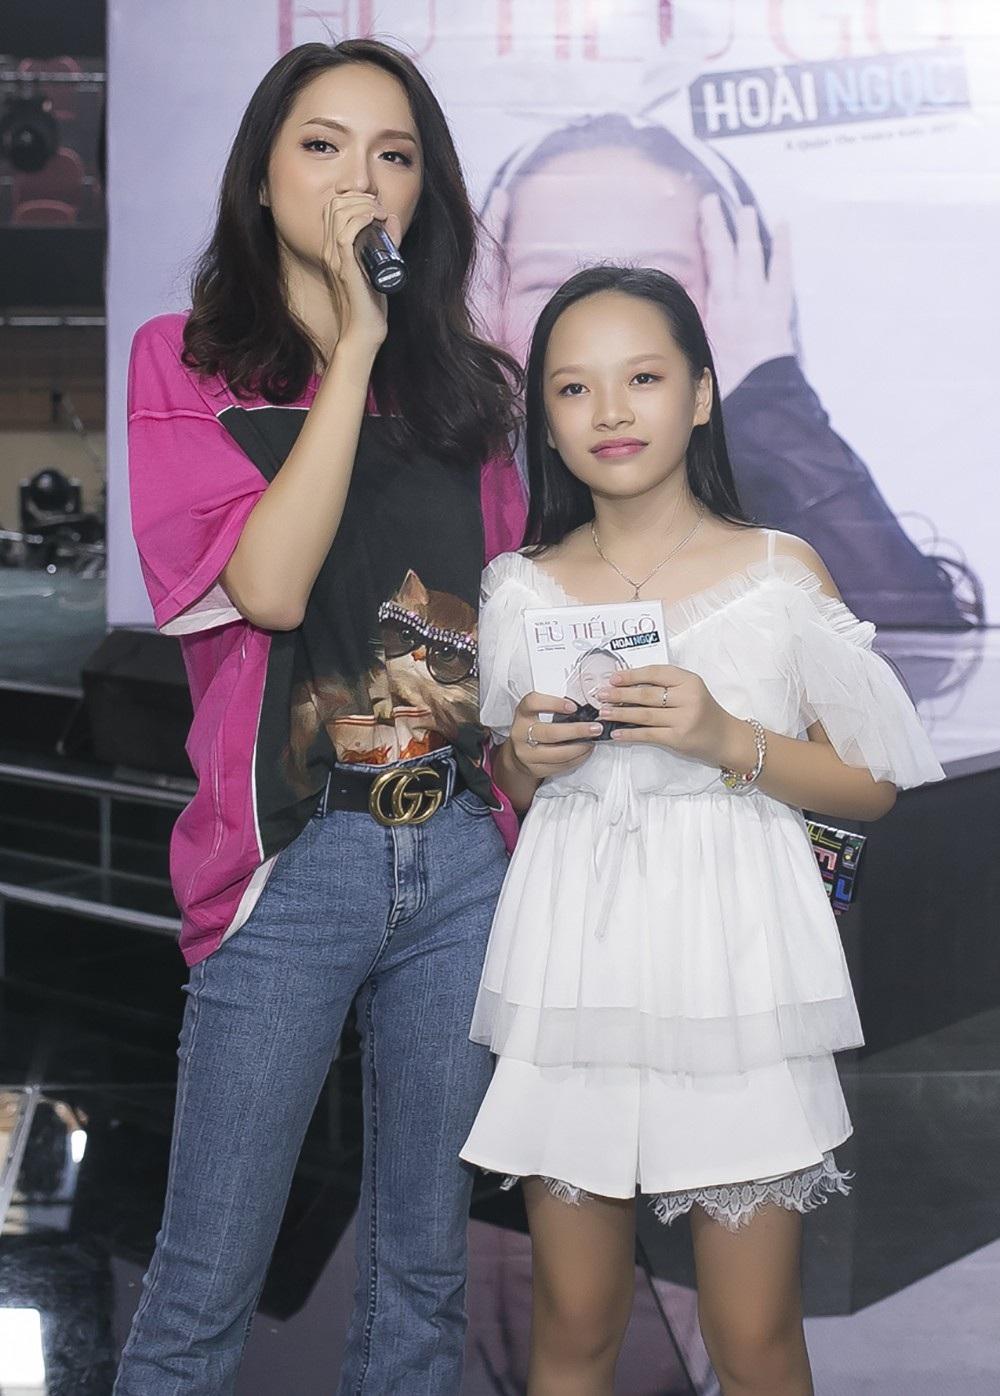 Hoa hậu chuyển giới Hương Giang cũng đến chia vui cùng Hoài Ngọc